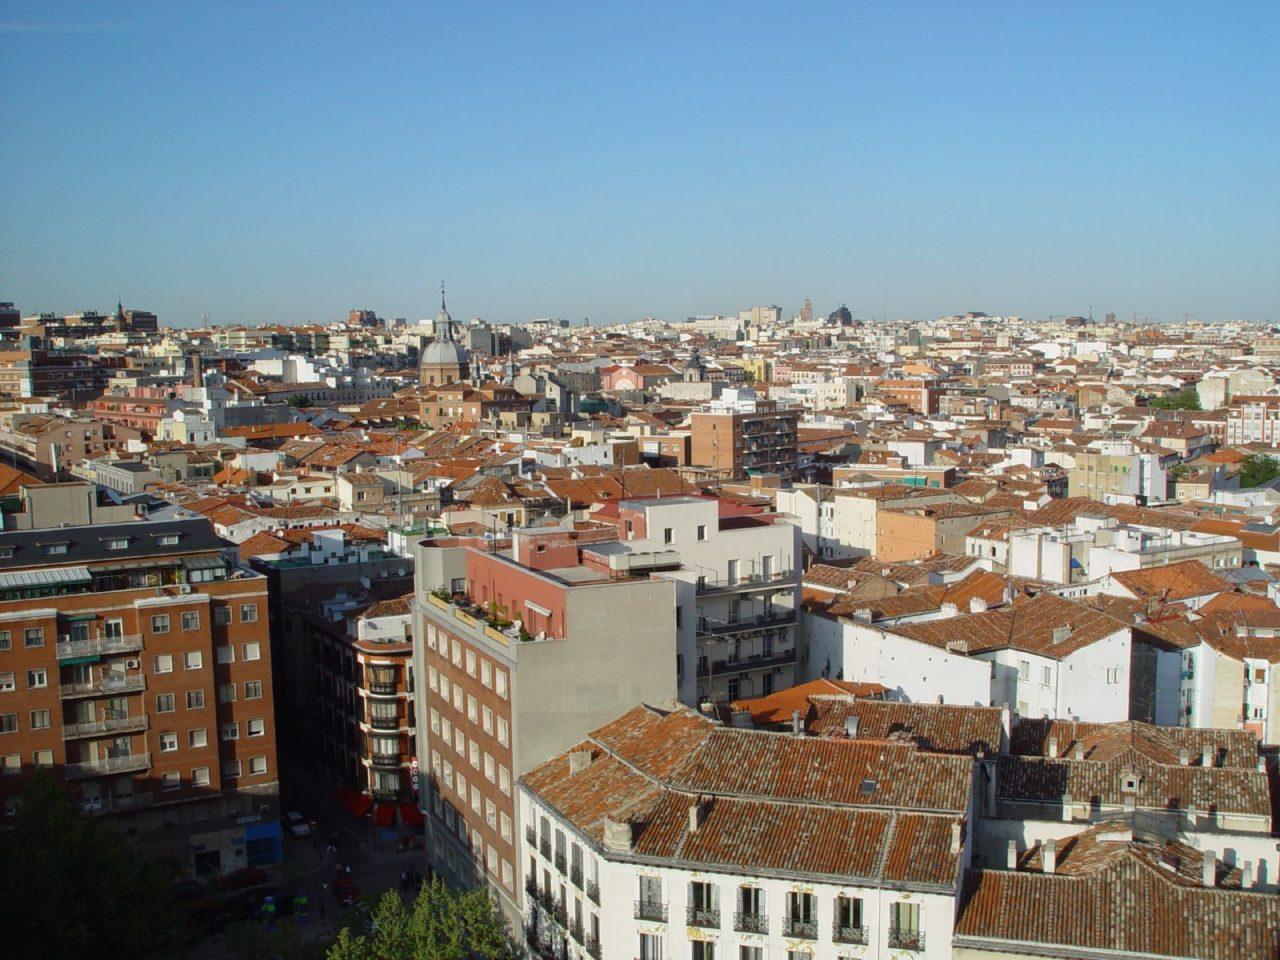 Echa a andar la revisión del plan general de urbanismo de Madrid